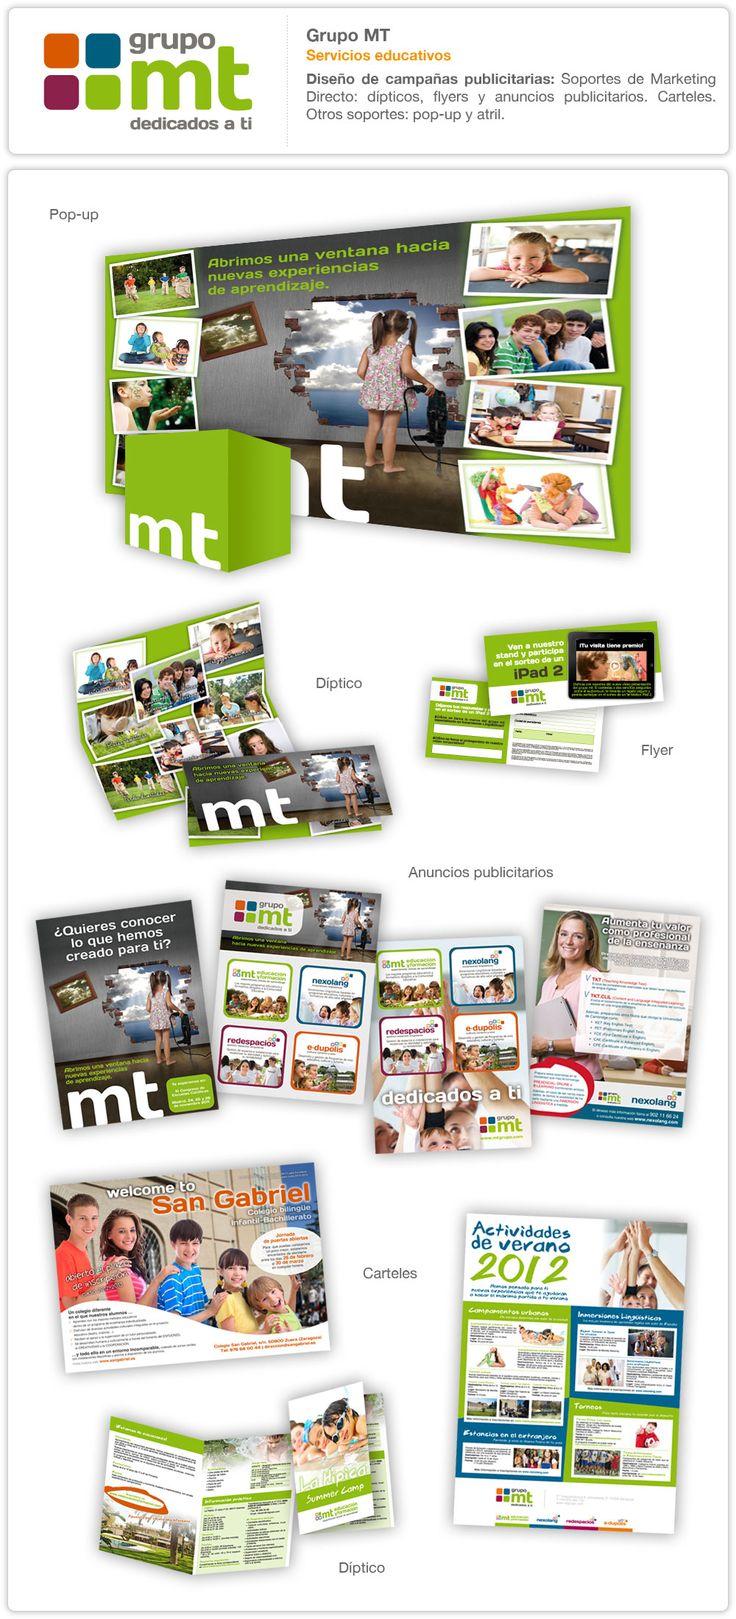 Diseño de campañas publicitarias: Soportes de Marketing Directo: dípticos, flyers y anuncios publicitarios. Carteles. Otros soportes: pop-up y atril.